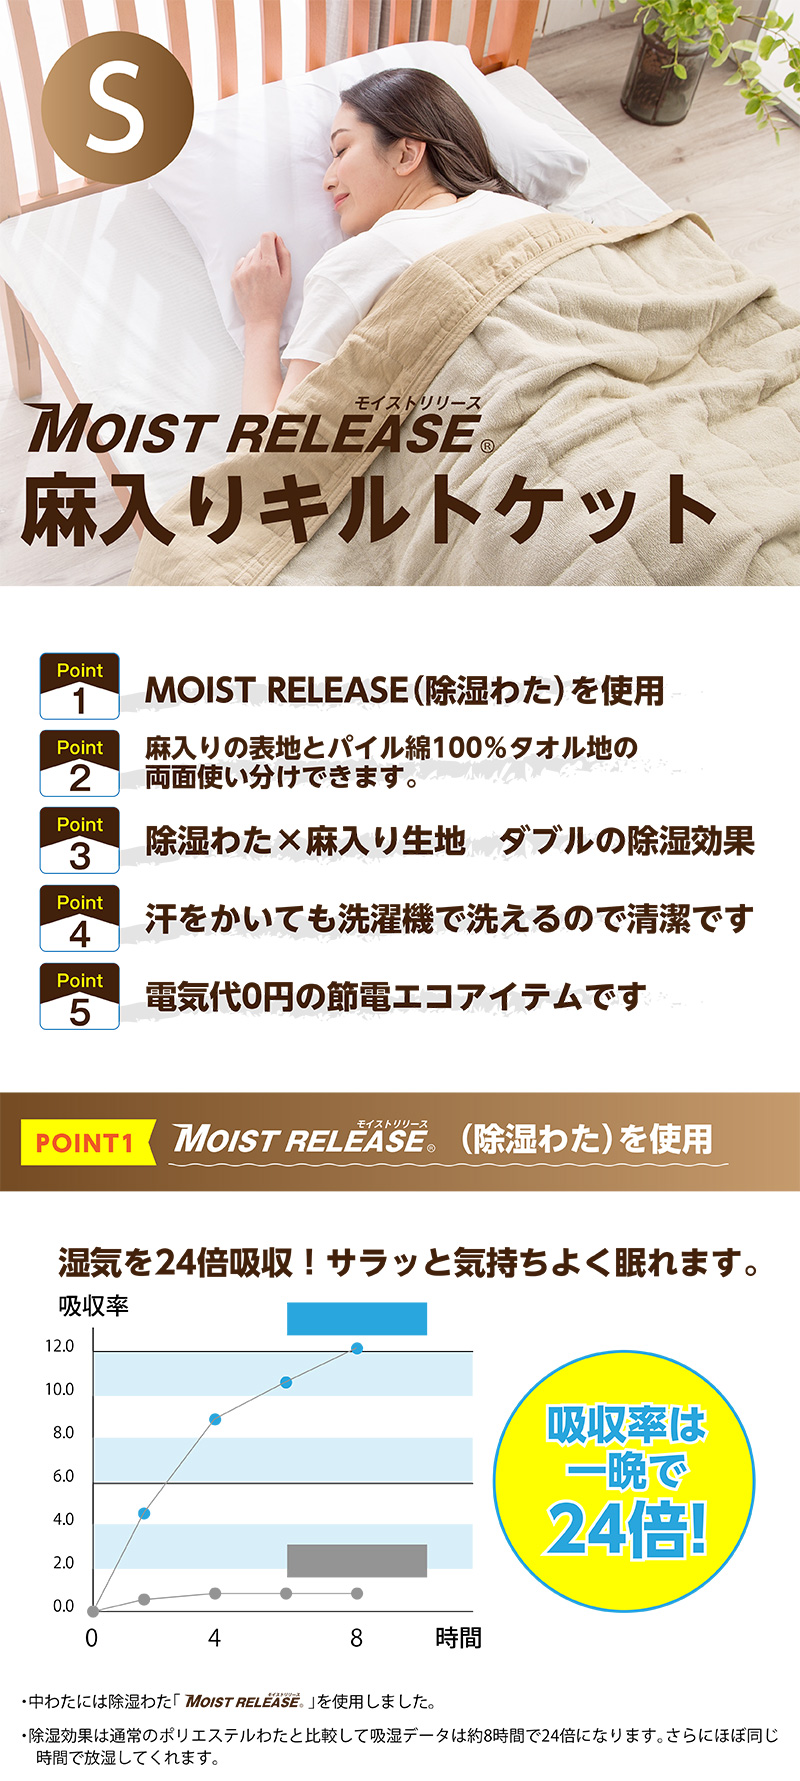 ガマカ工業 Moist Rerease モイストリリース麻入りキルトケット